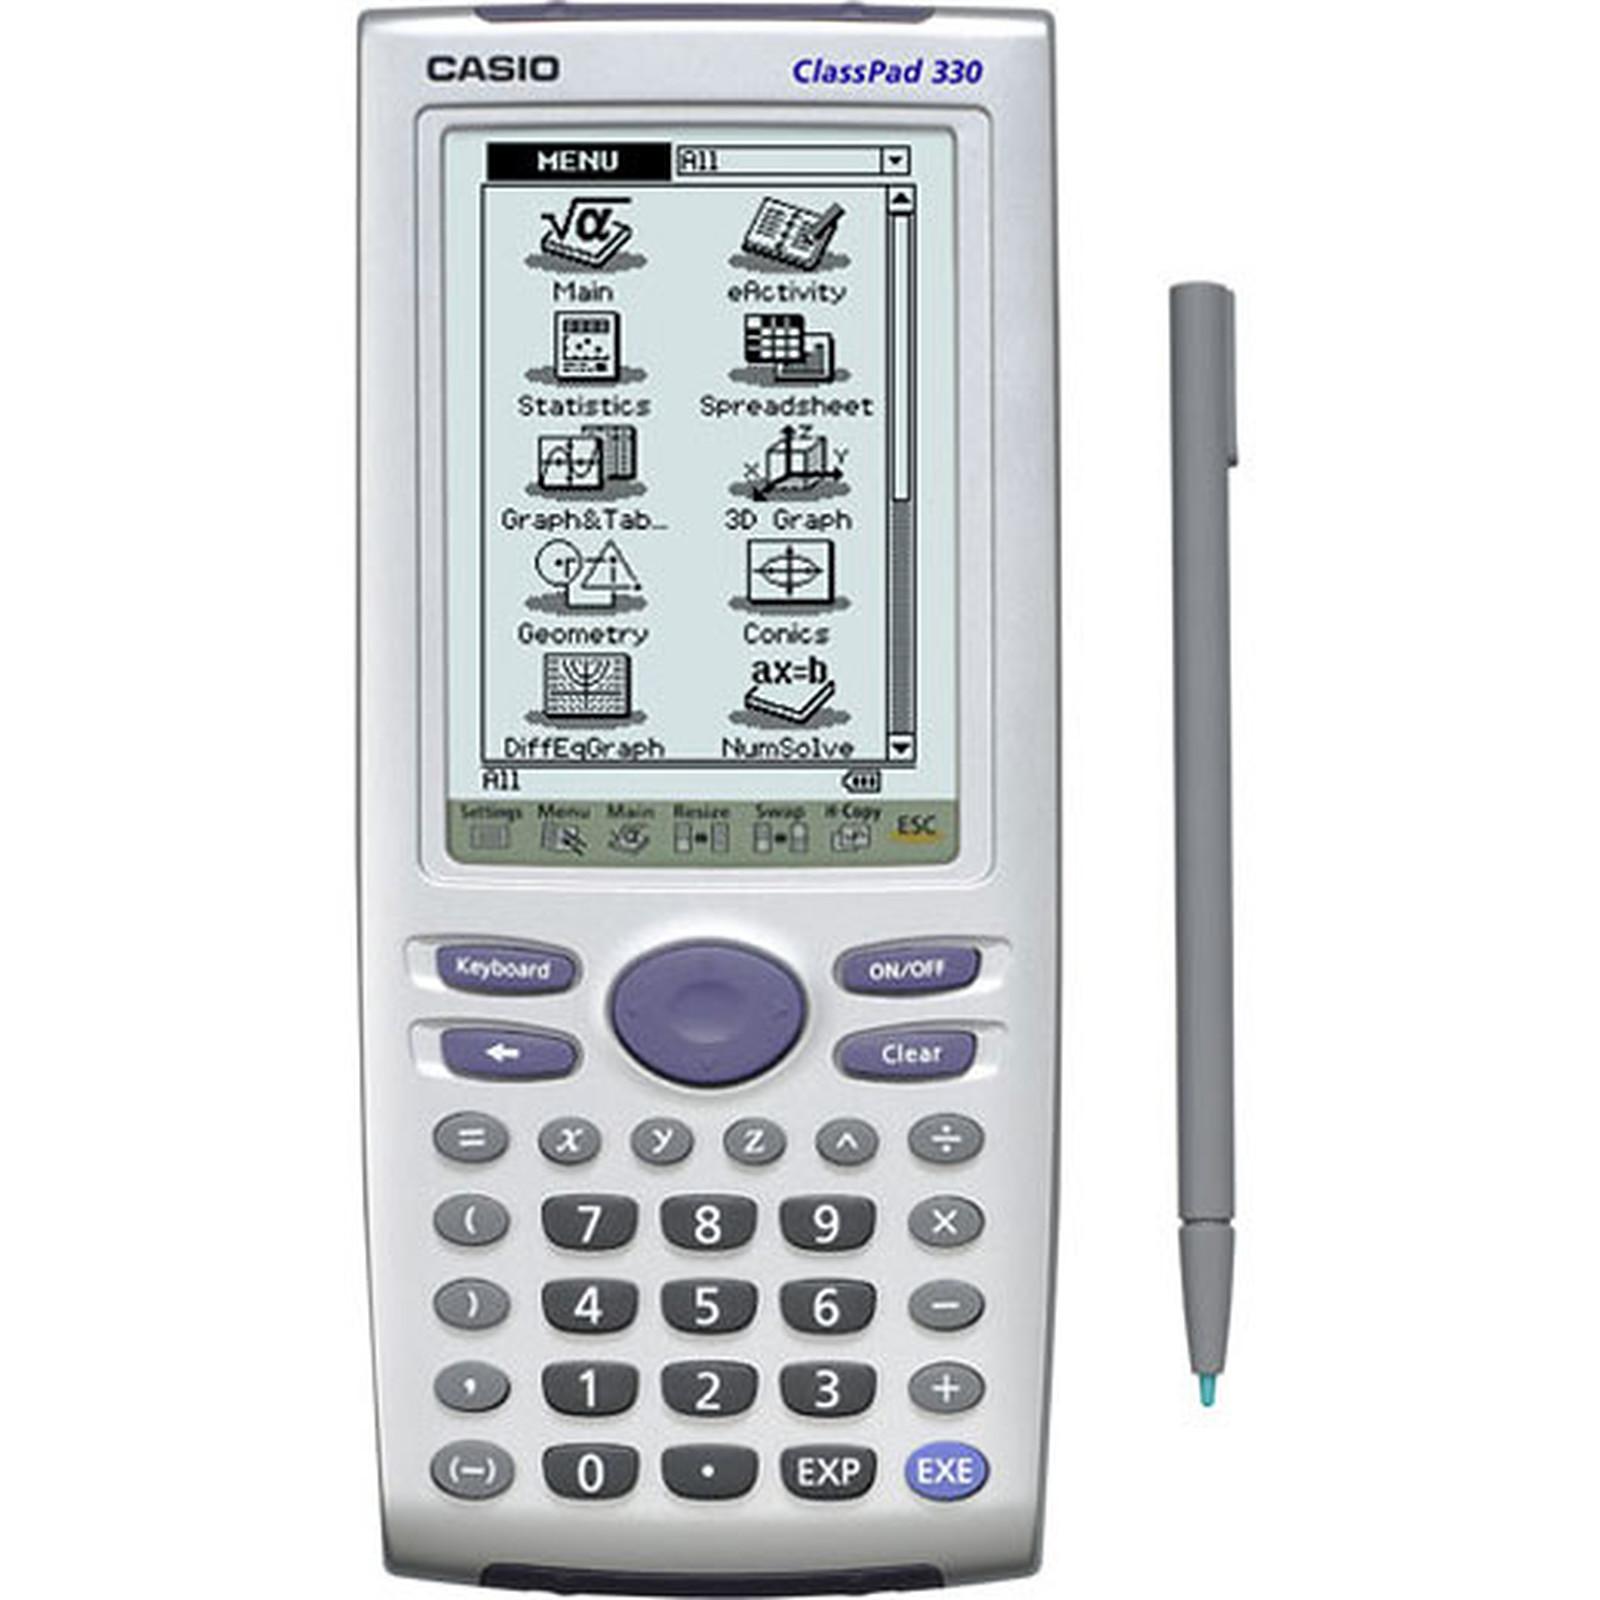 Casio Classpad 330 - Calculatrice Graphique